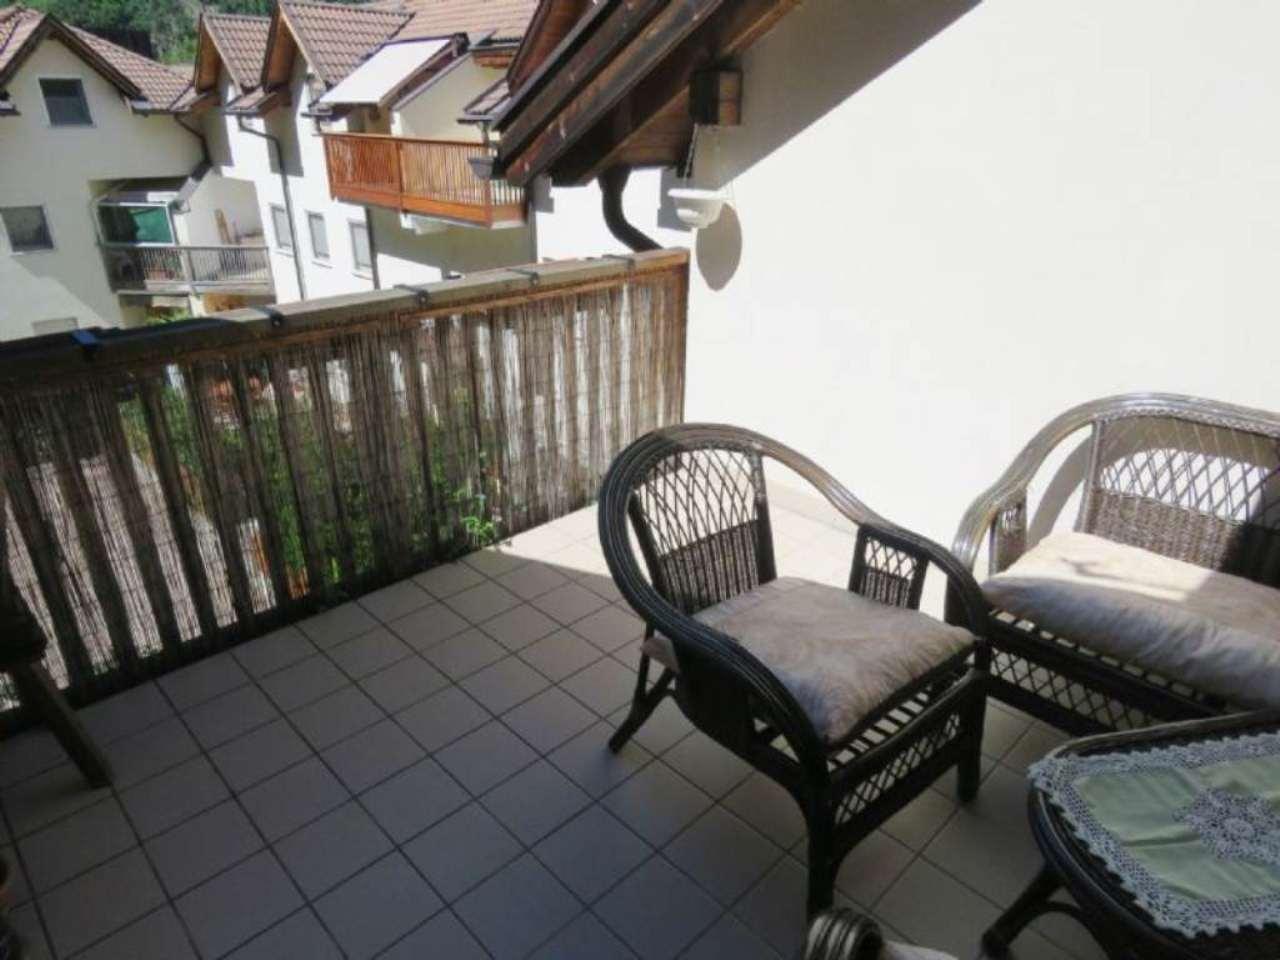 Attico / Mansarda in vendita a Cornedo all'Isarco, 2 locali, prezzo € 185.000 | Cambio Casa.it